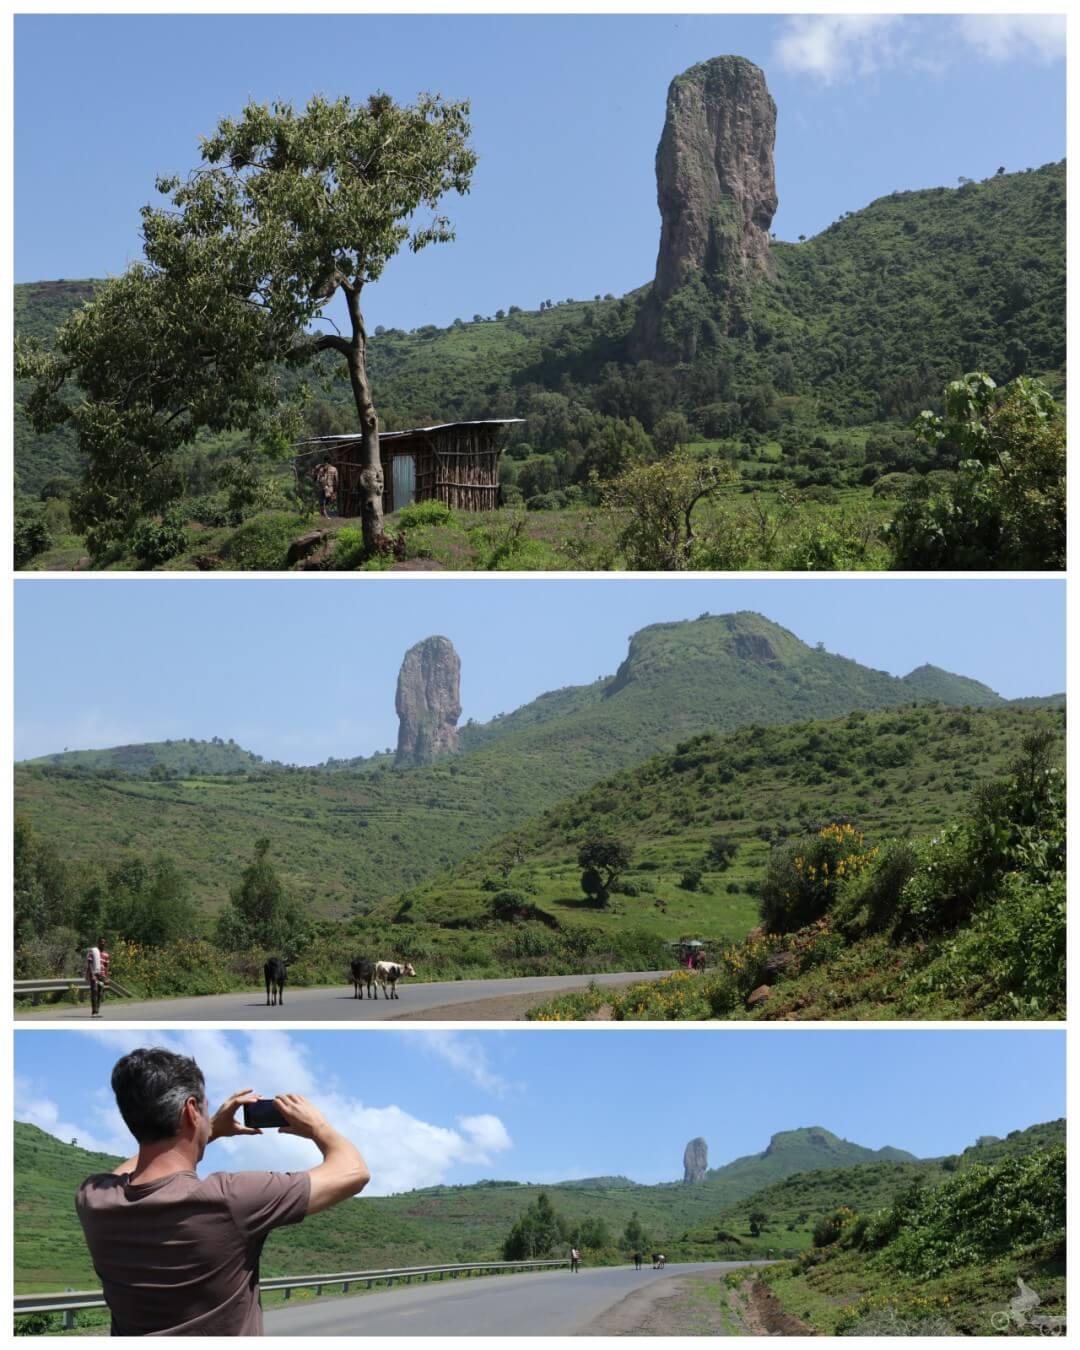 montaña rara etiopia